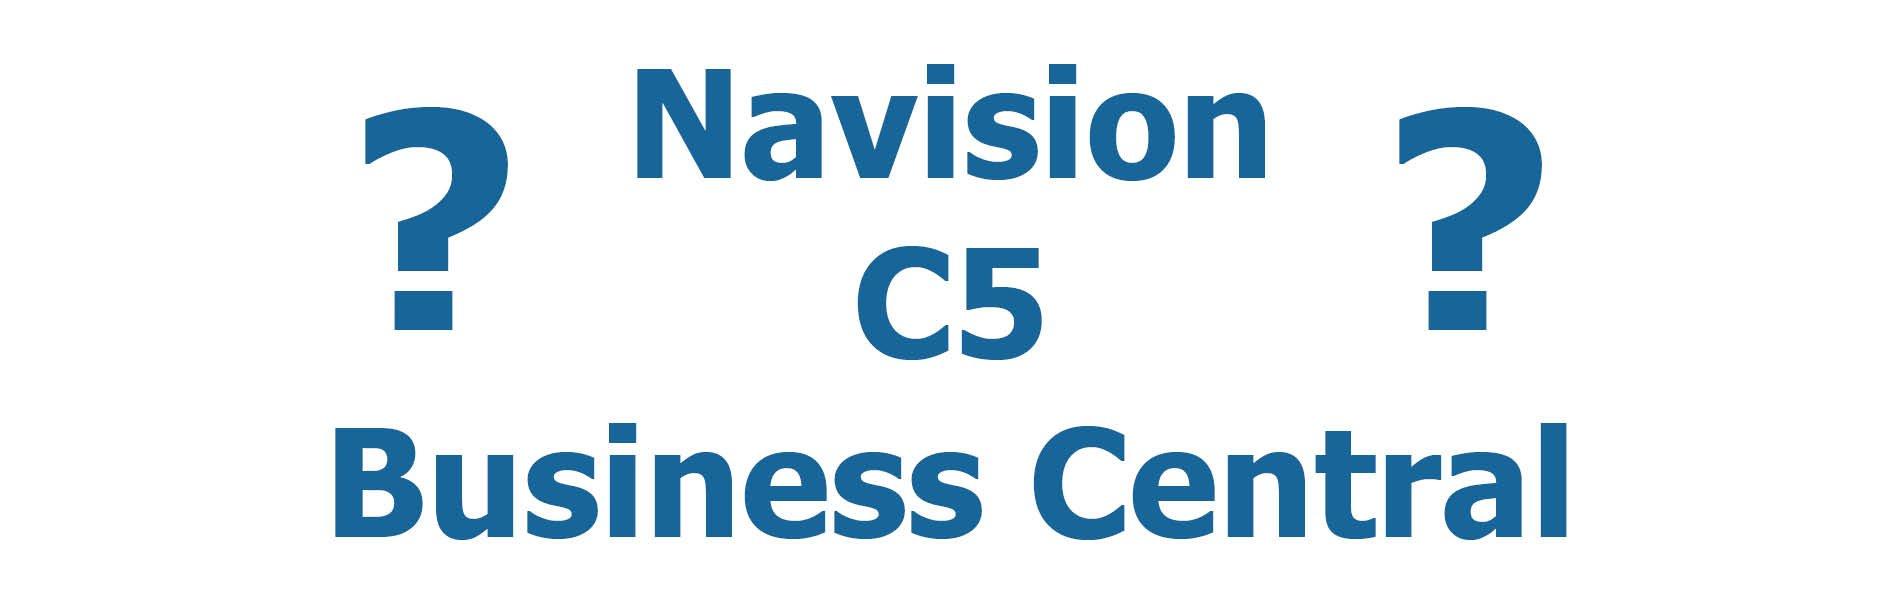 Hvad er Navision og C5?